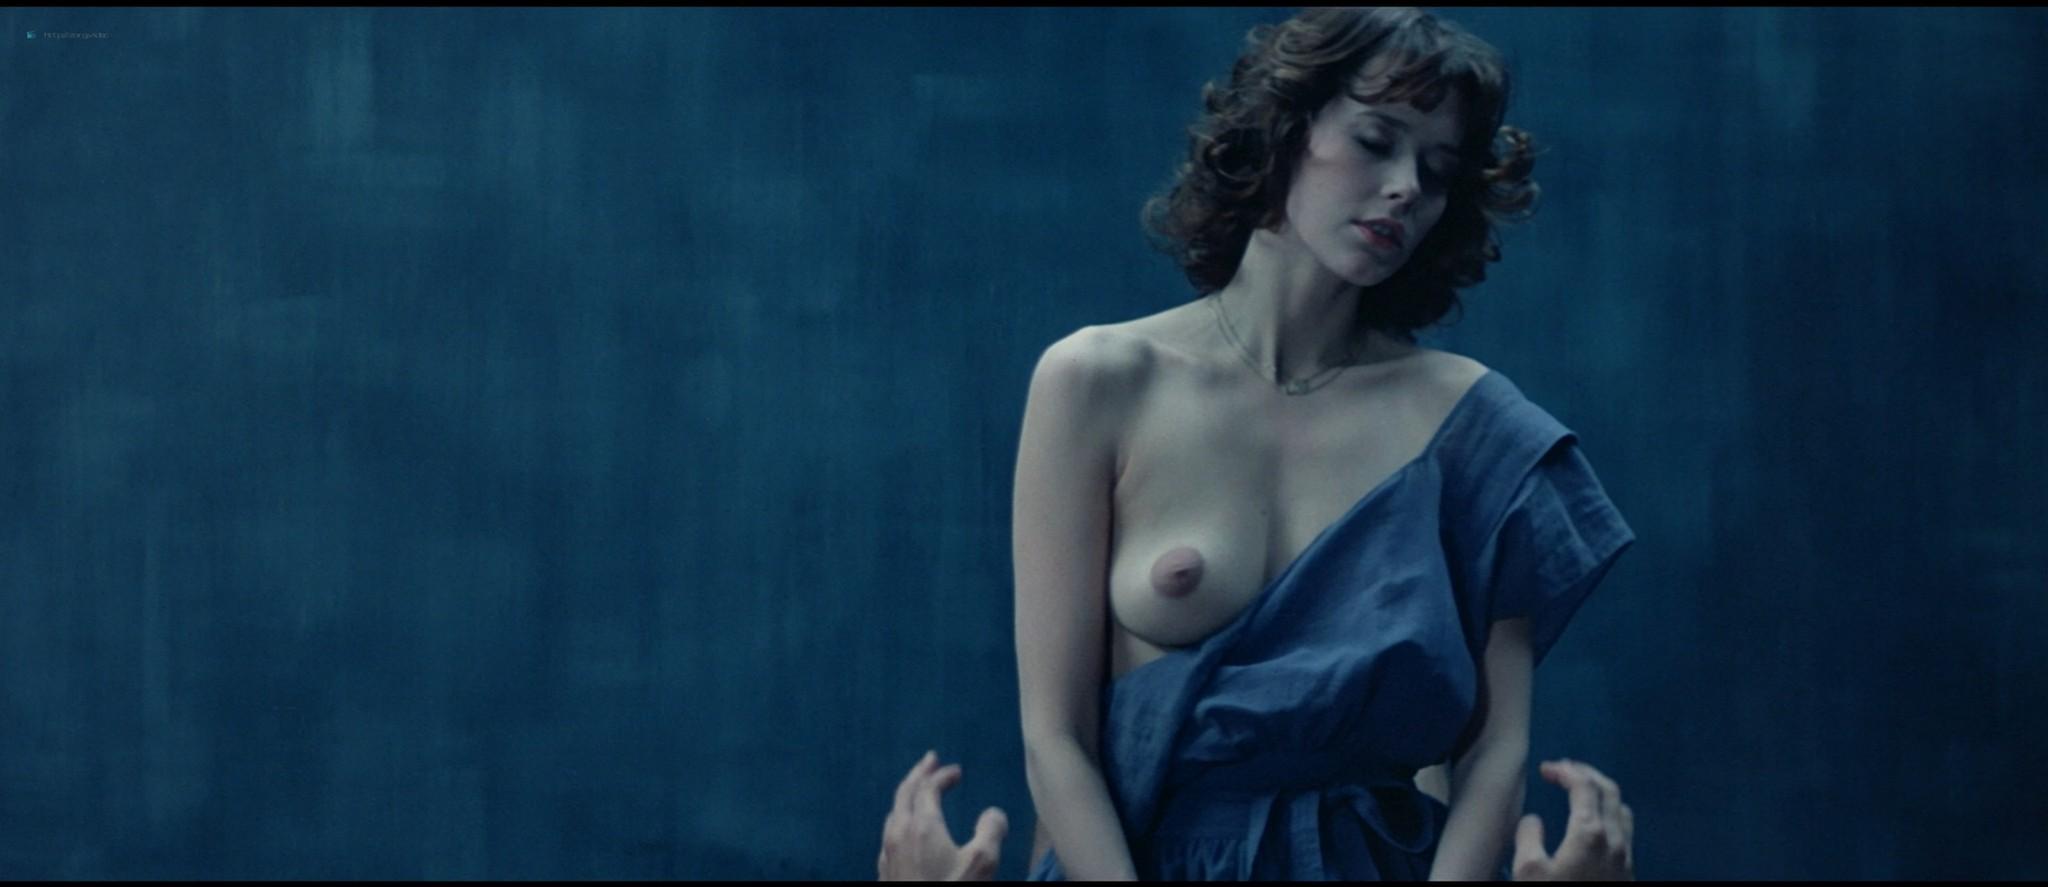 Sylvia Kristel nude sex threesome Catherine Rivet, Laura Gemser nude - Emmanuelle 2 (1975) HD 1080p REMUX (30)